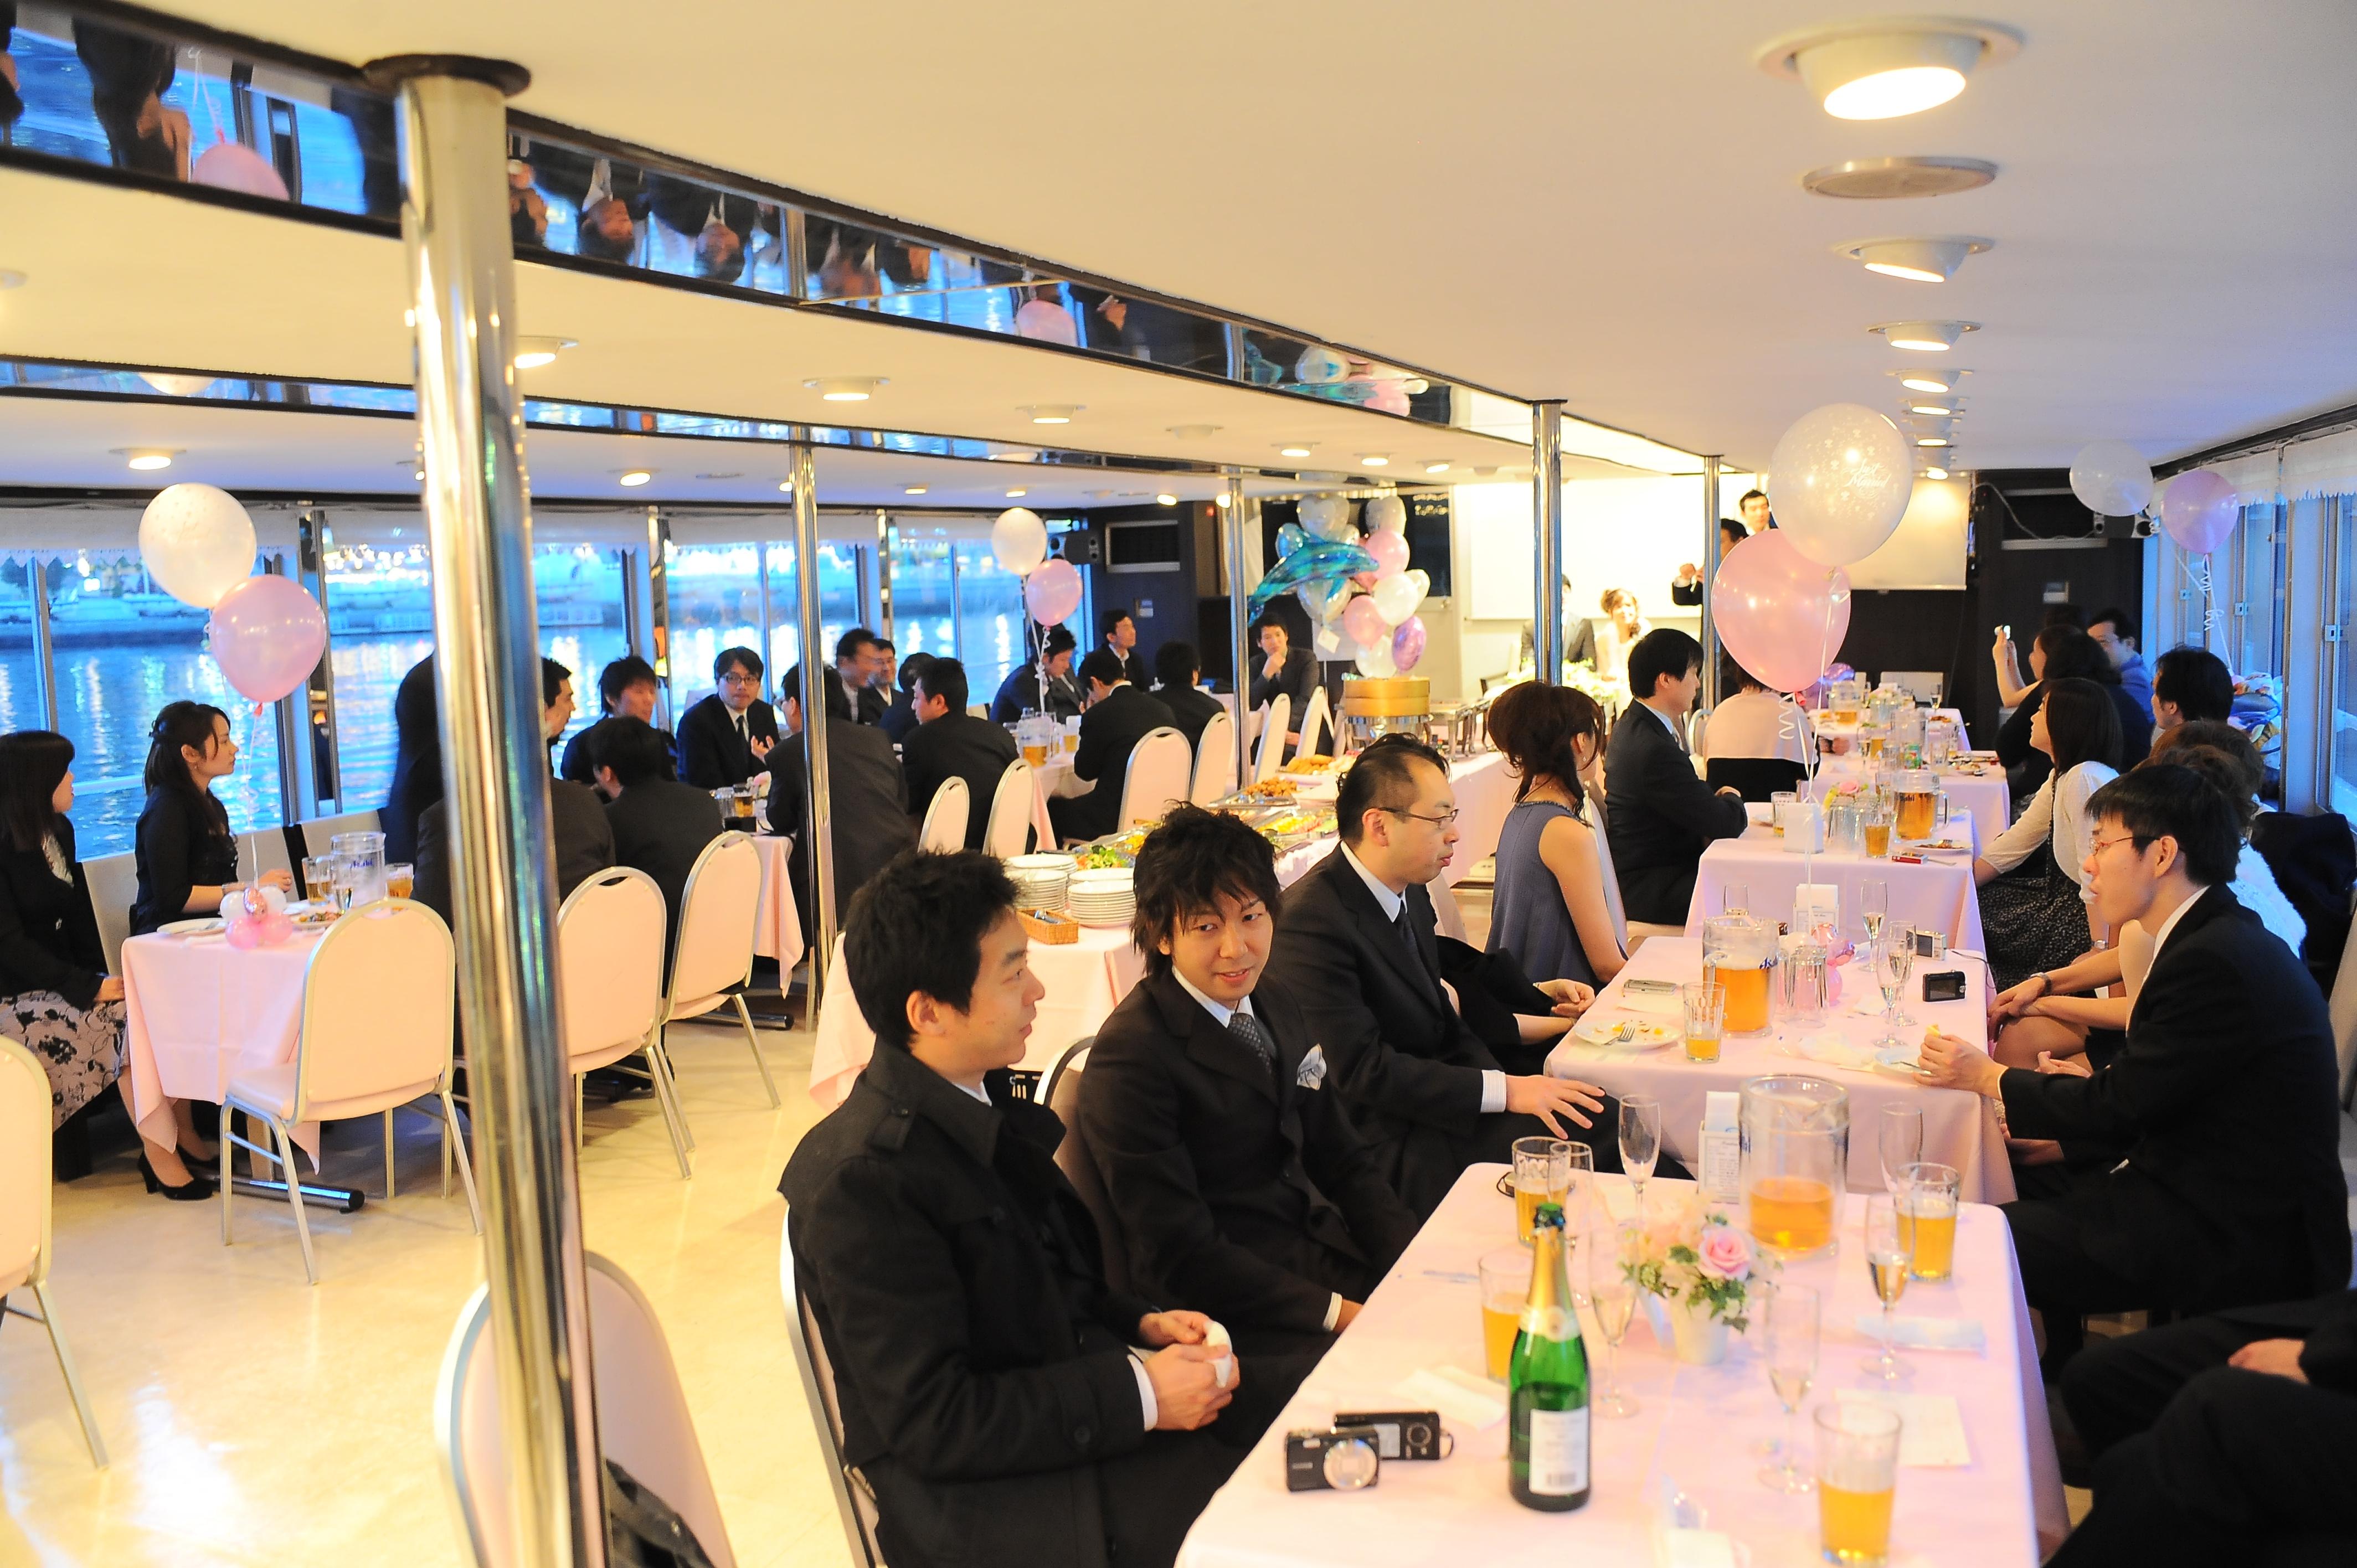 バルーンや卓上花で装飾された船内でパーティーを楽しむ人たち